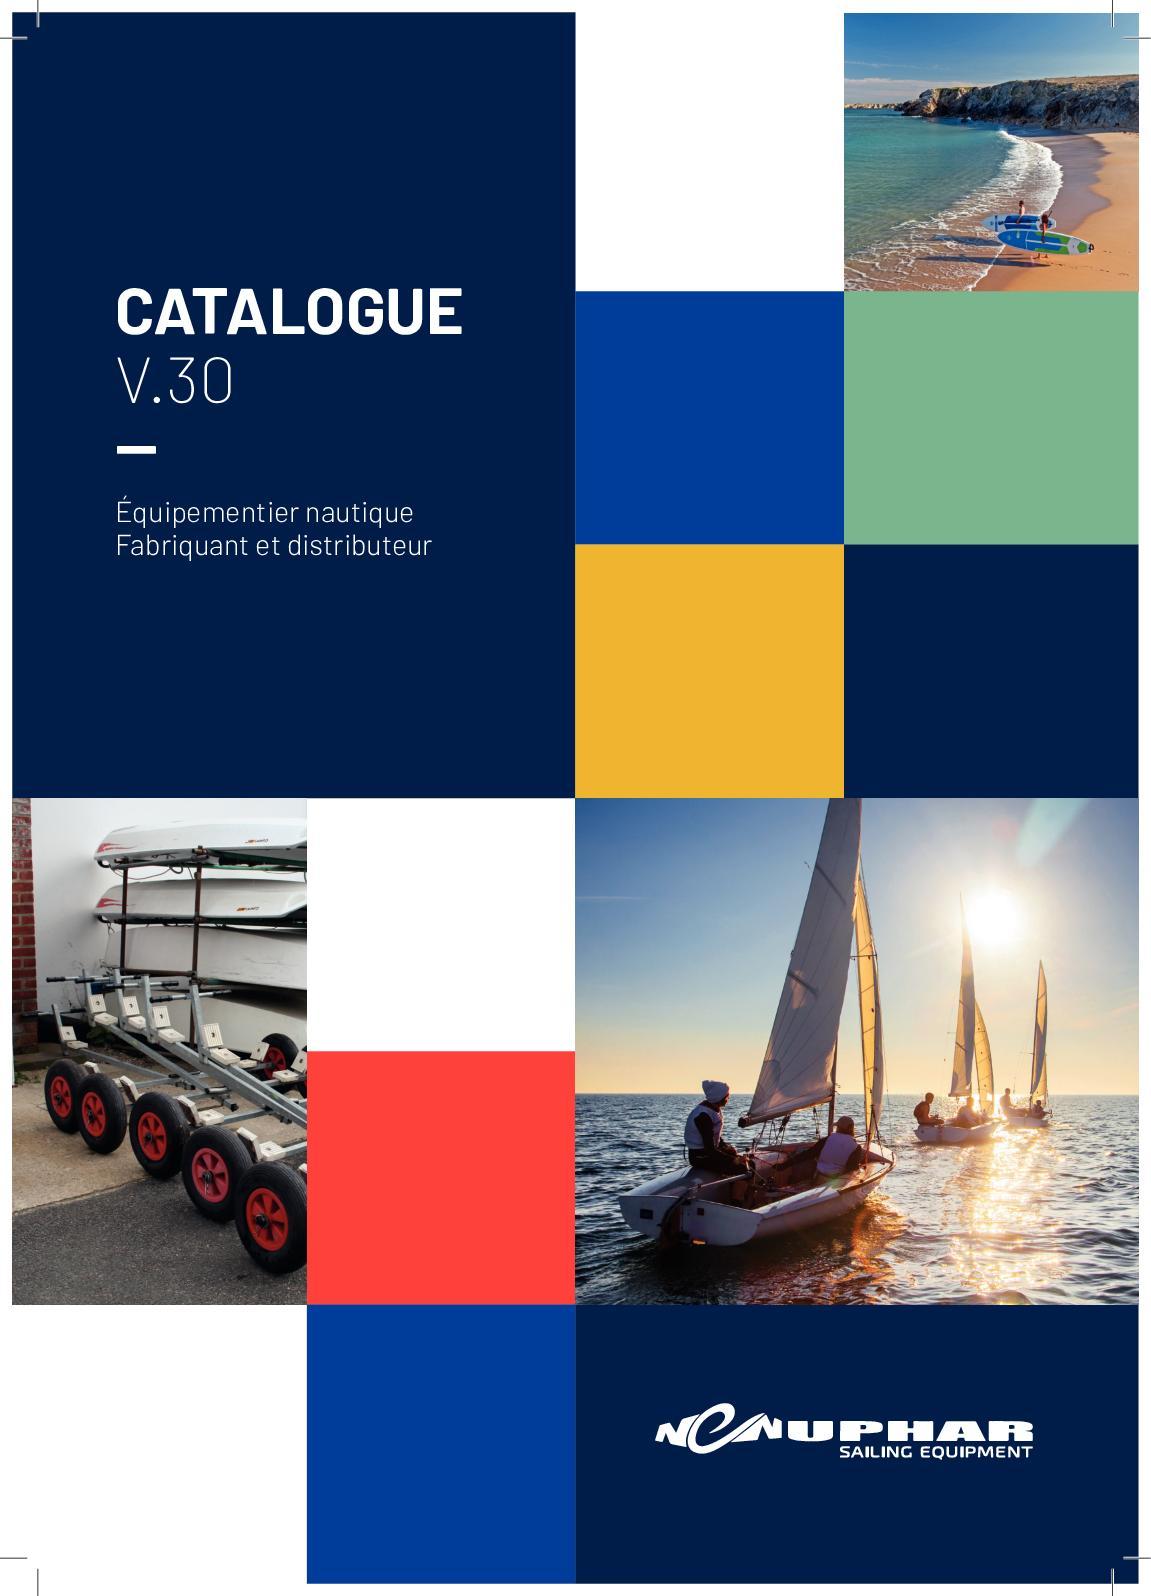 Nouveau Rouge Bleu Bateau à voile bateau Nautique en polycoton tissu prix réduit